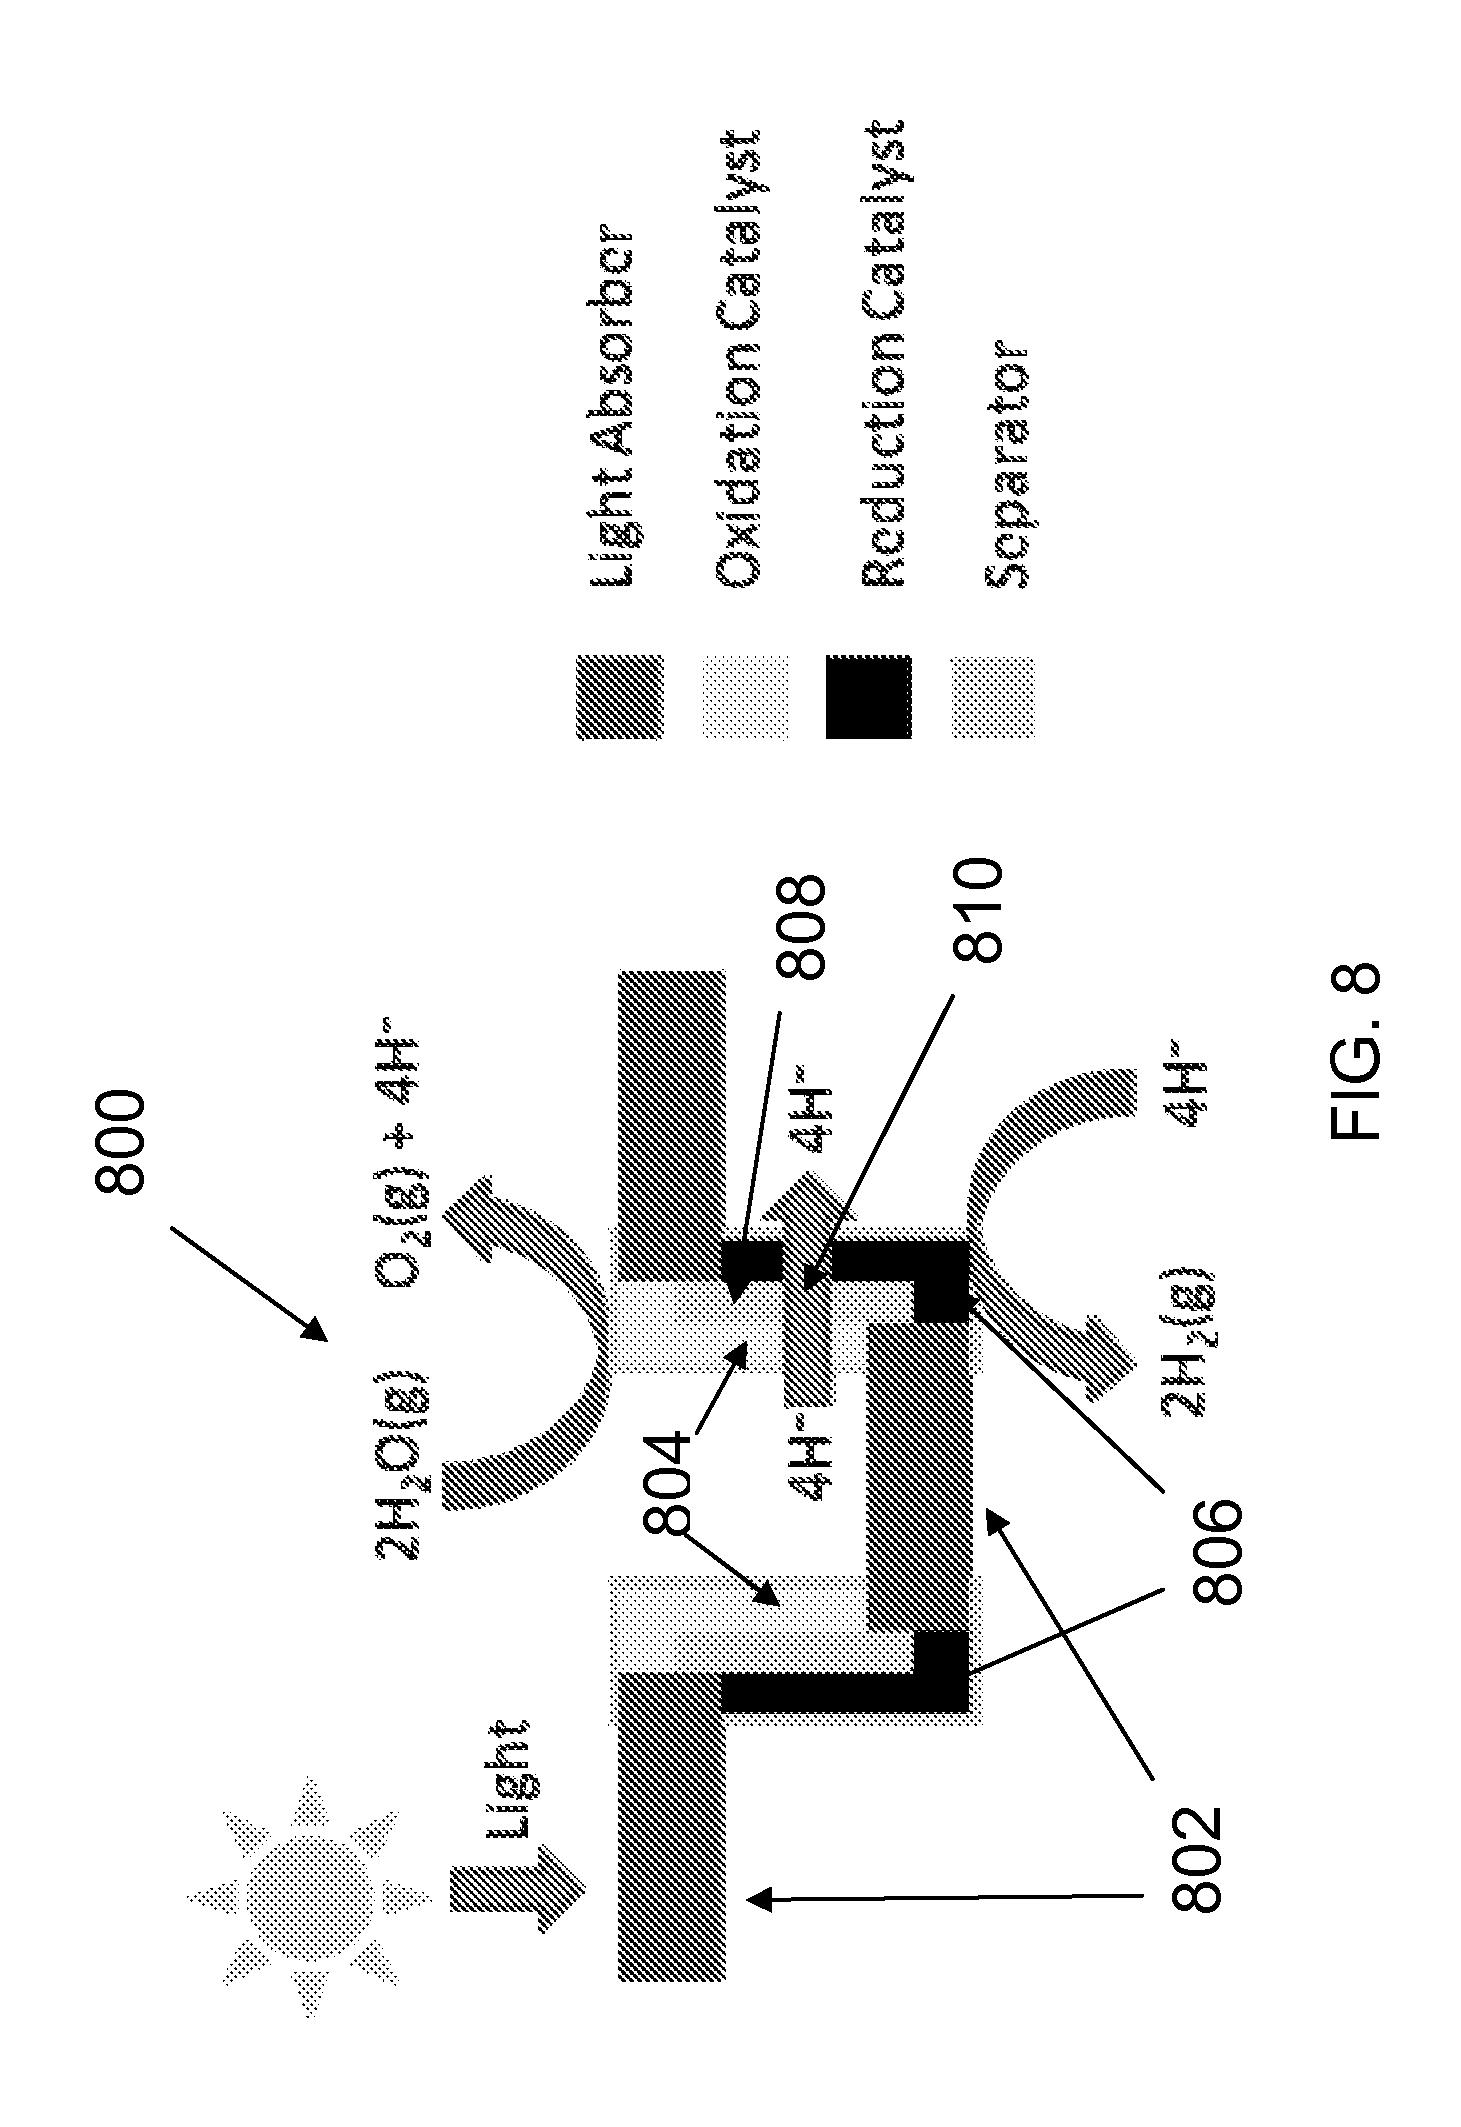 patent us20130092549